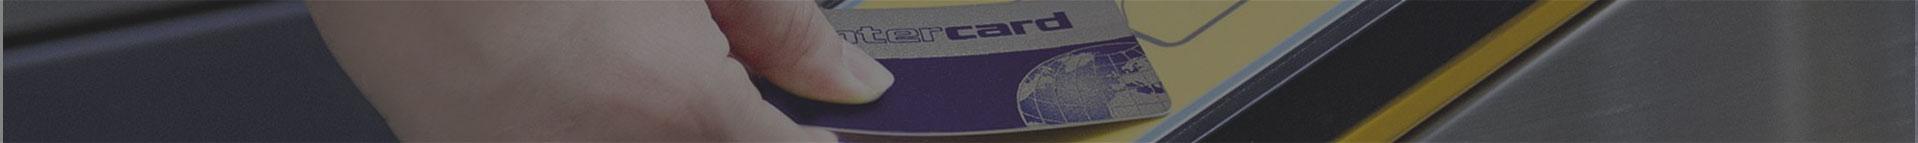 CARDS SMART CUSTOMIZADOS